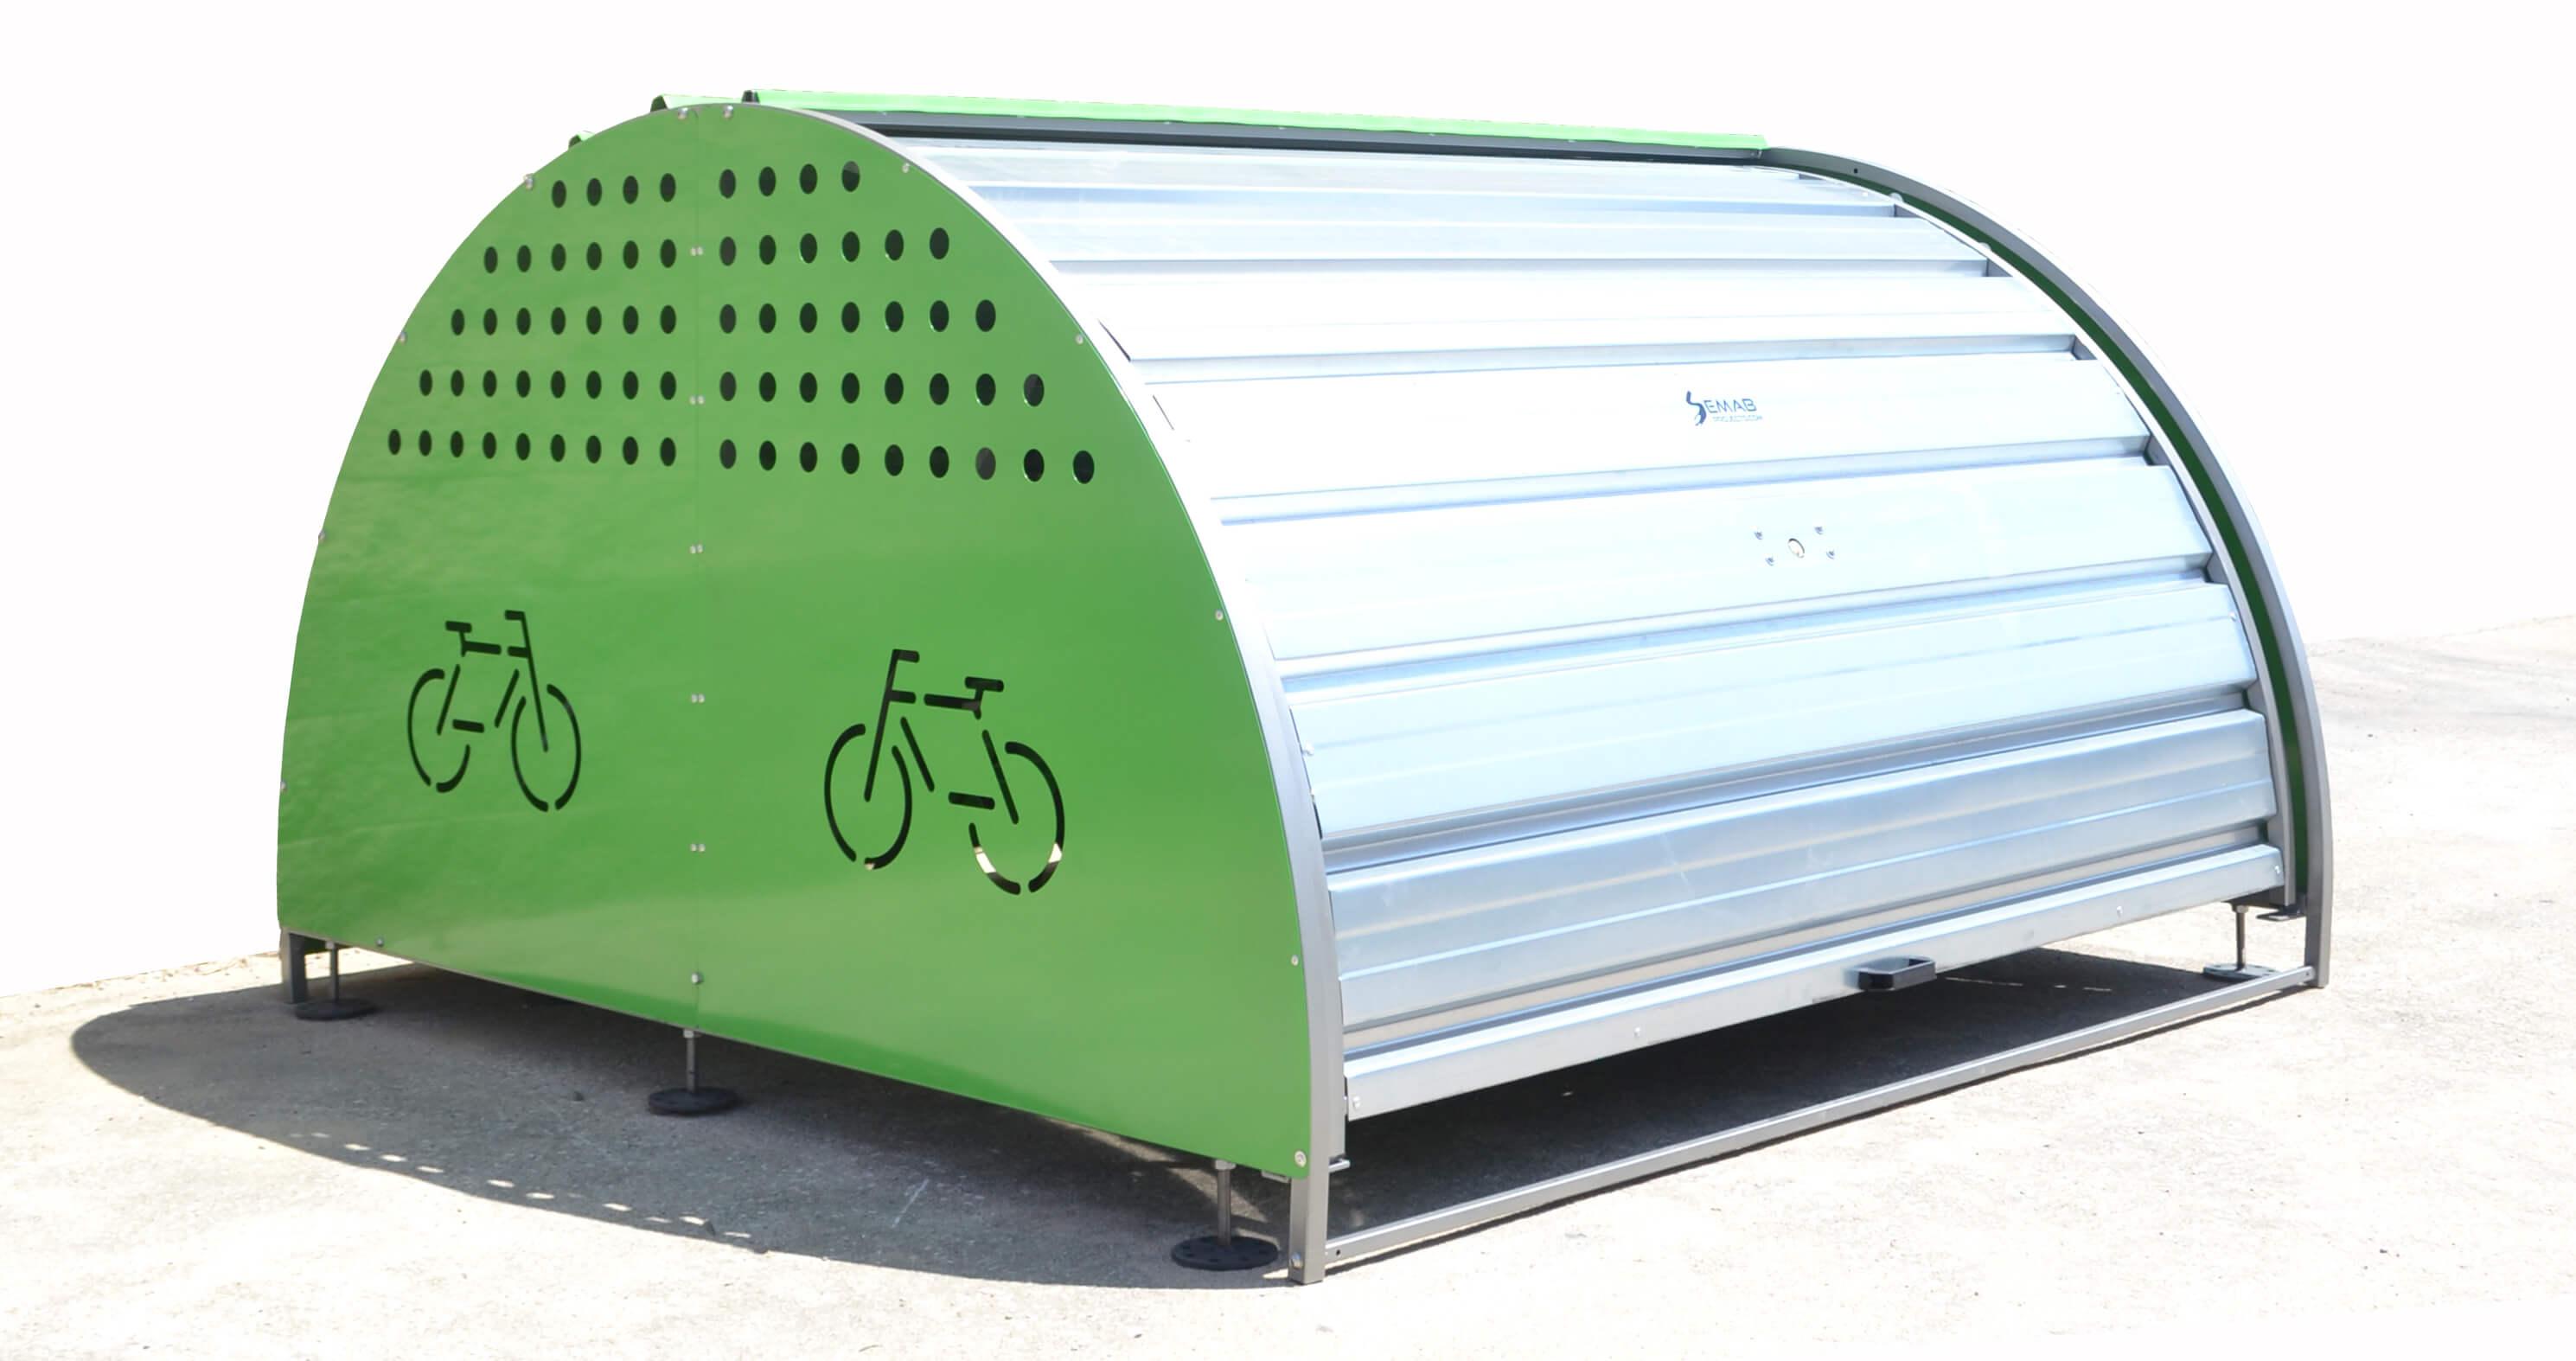 Box modulaire fietskluis - afsluitbaar door sleutel of parkeerkaart